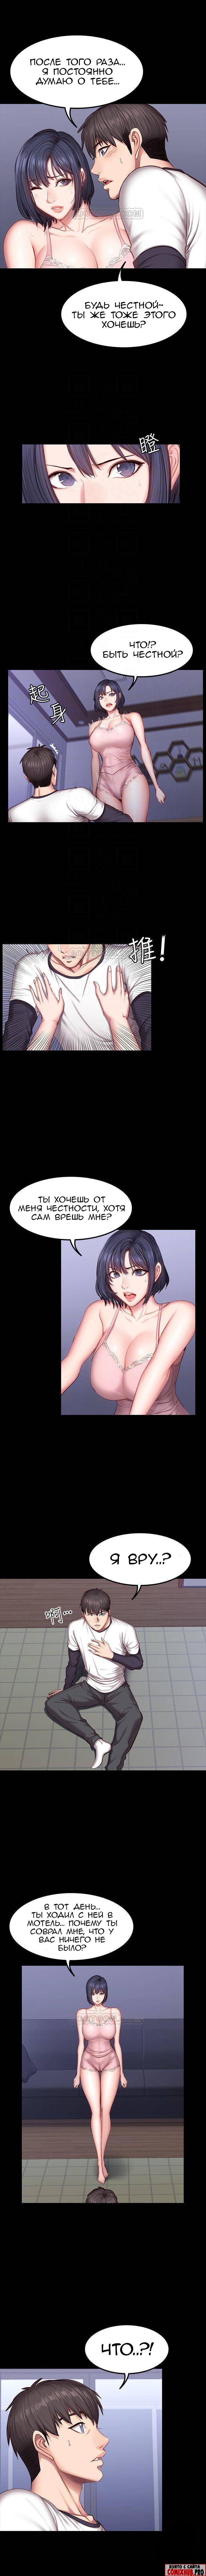 Порно комиксы Фитнес, часть 33 Большие сиськи, Манга,